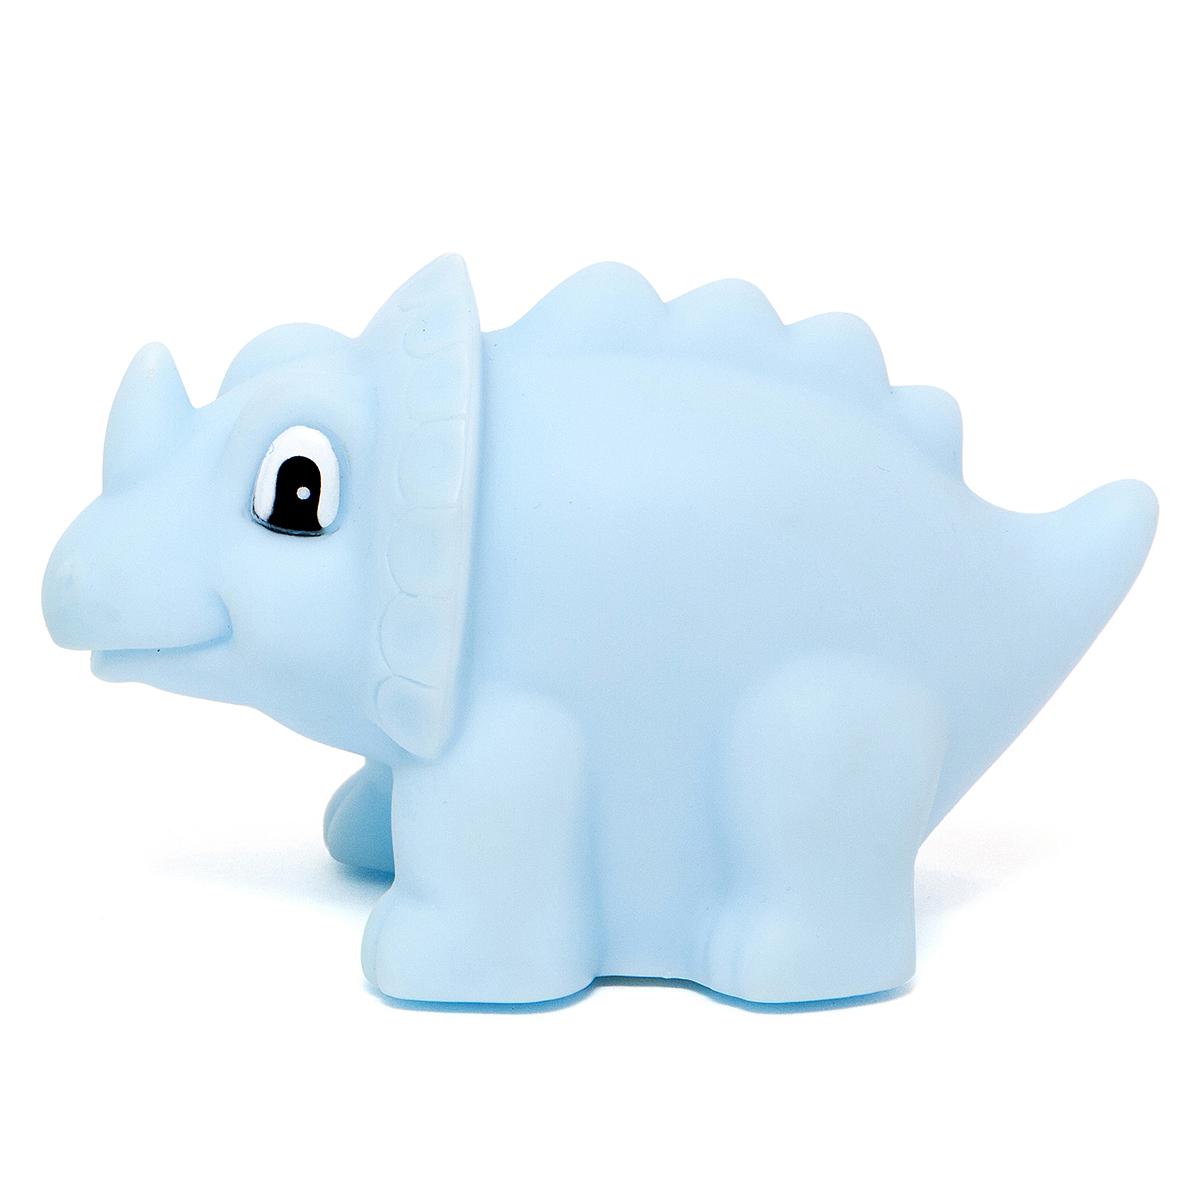 Veilleuse Veilleuse Triceratops - Bleu Veilleuse Triceratops - Bleu